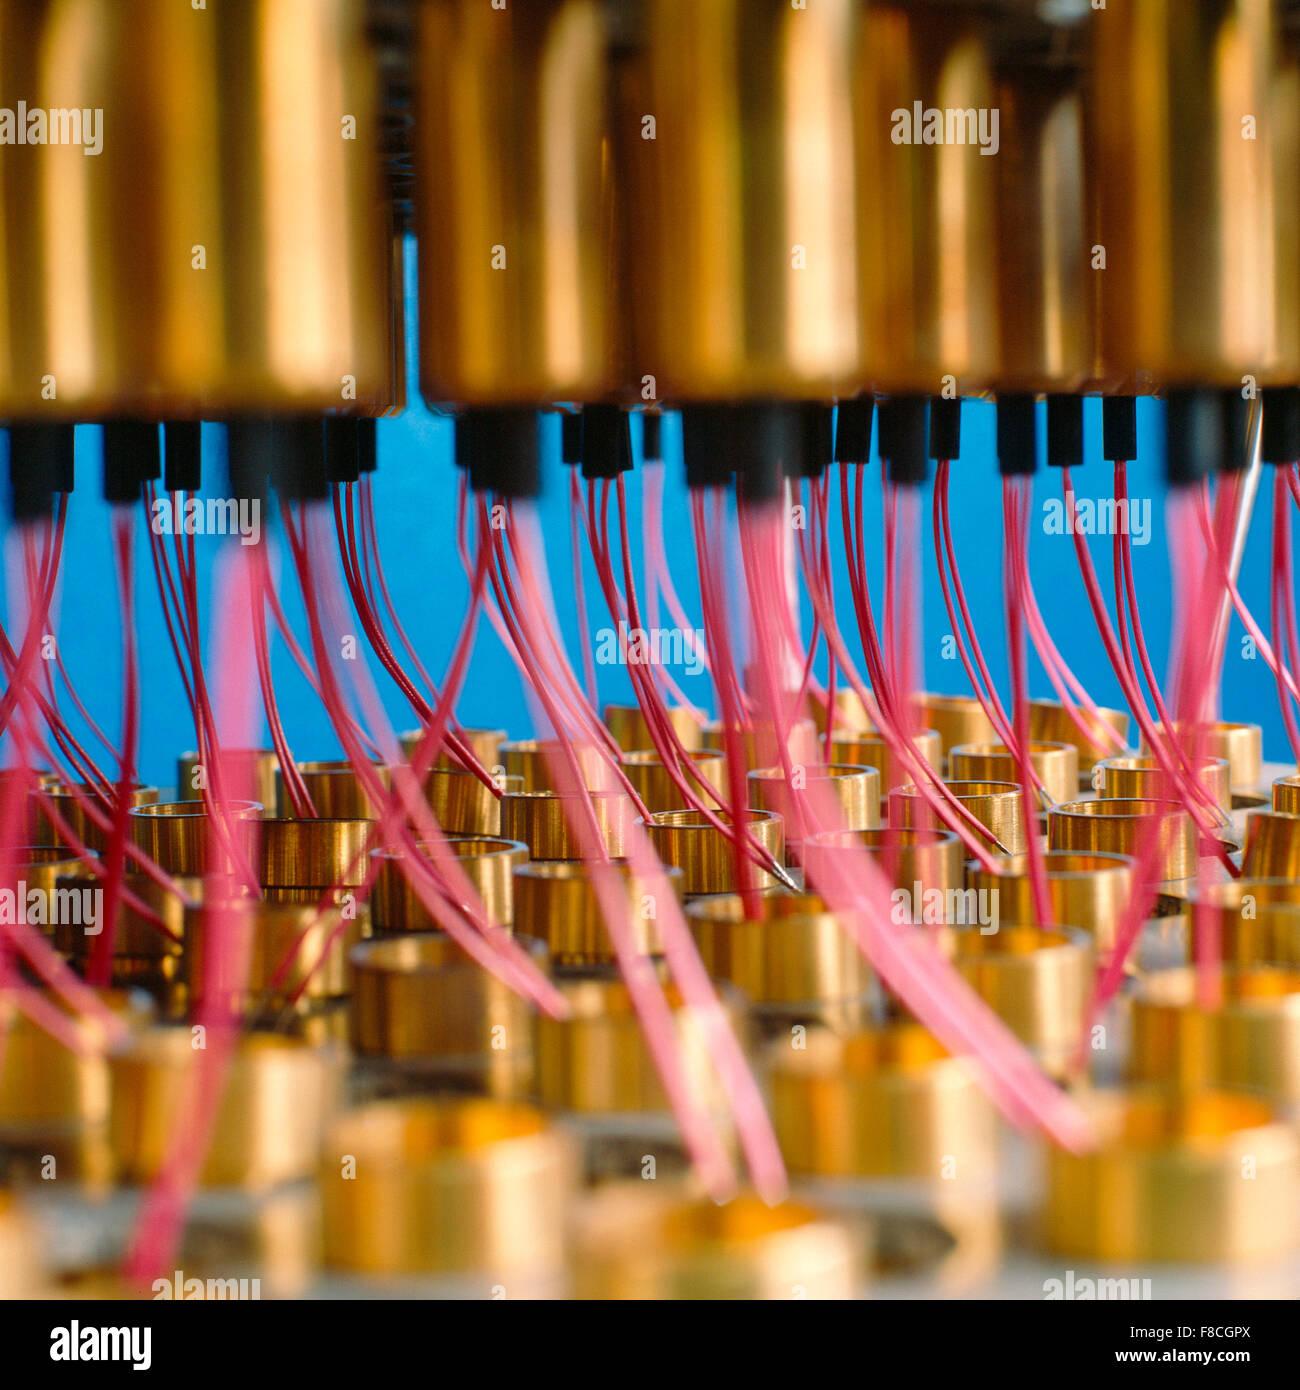 Elektronische Bauteile Auf Dem Pruefstand Stockbild